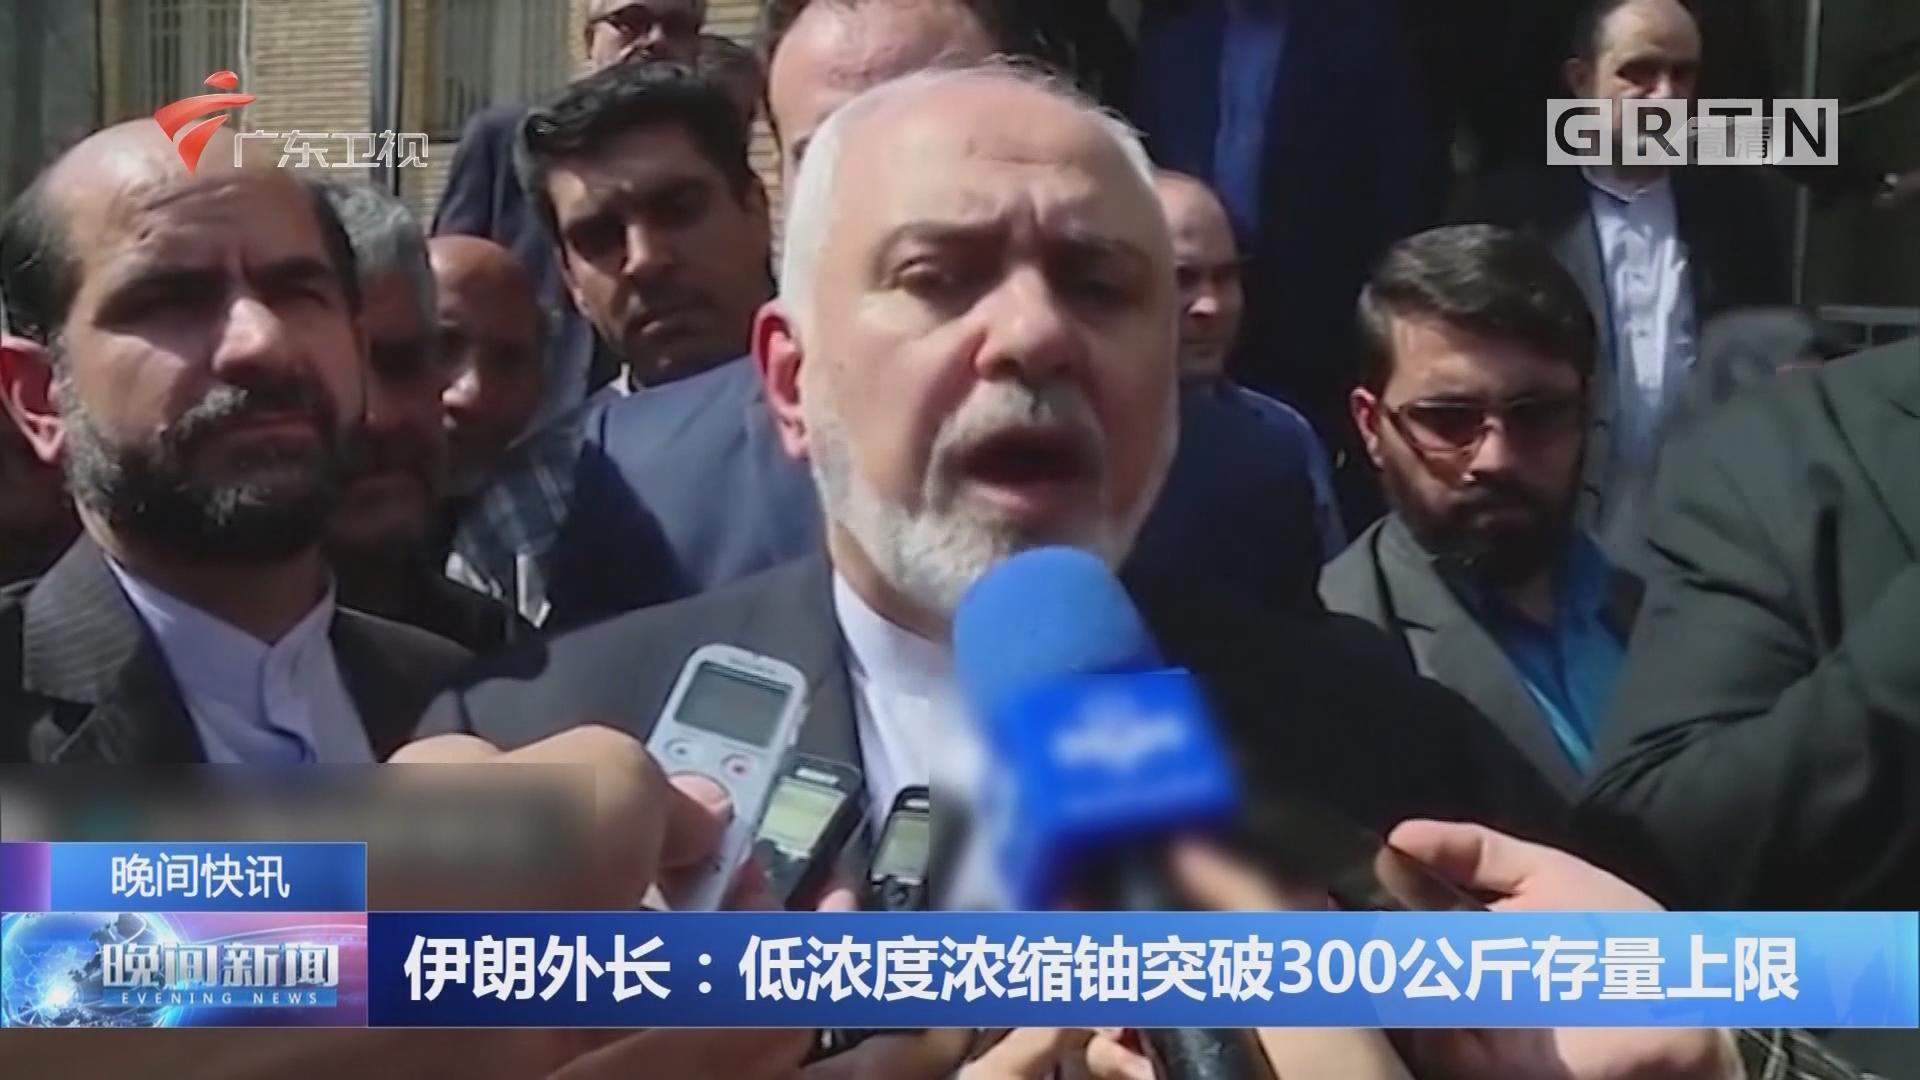 伊朗外长:低浓度浓缩铀突破300公斤存量上限